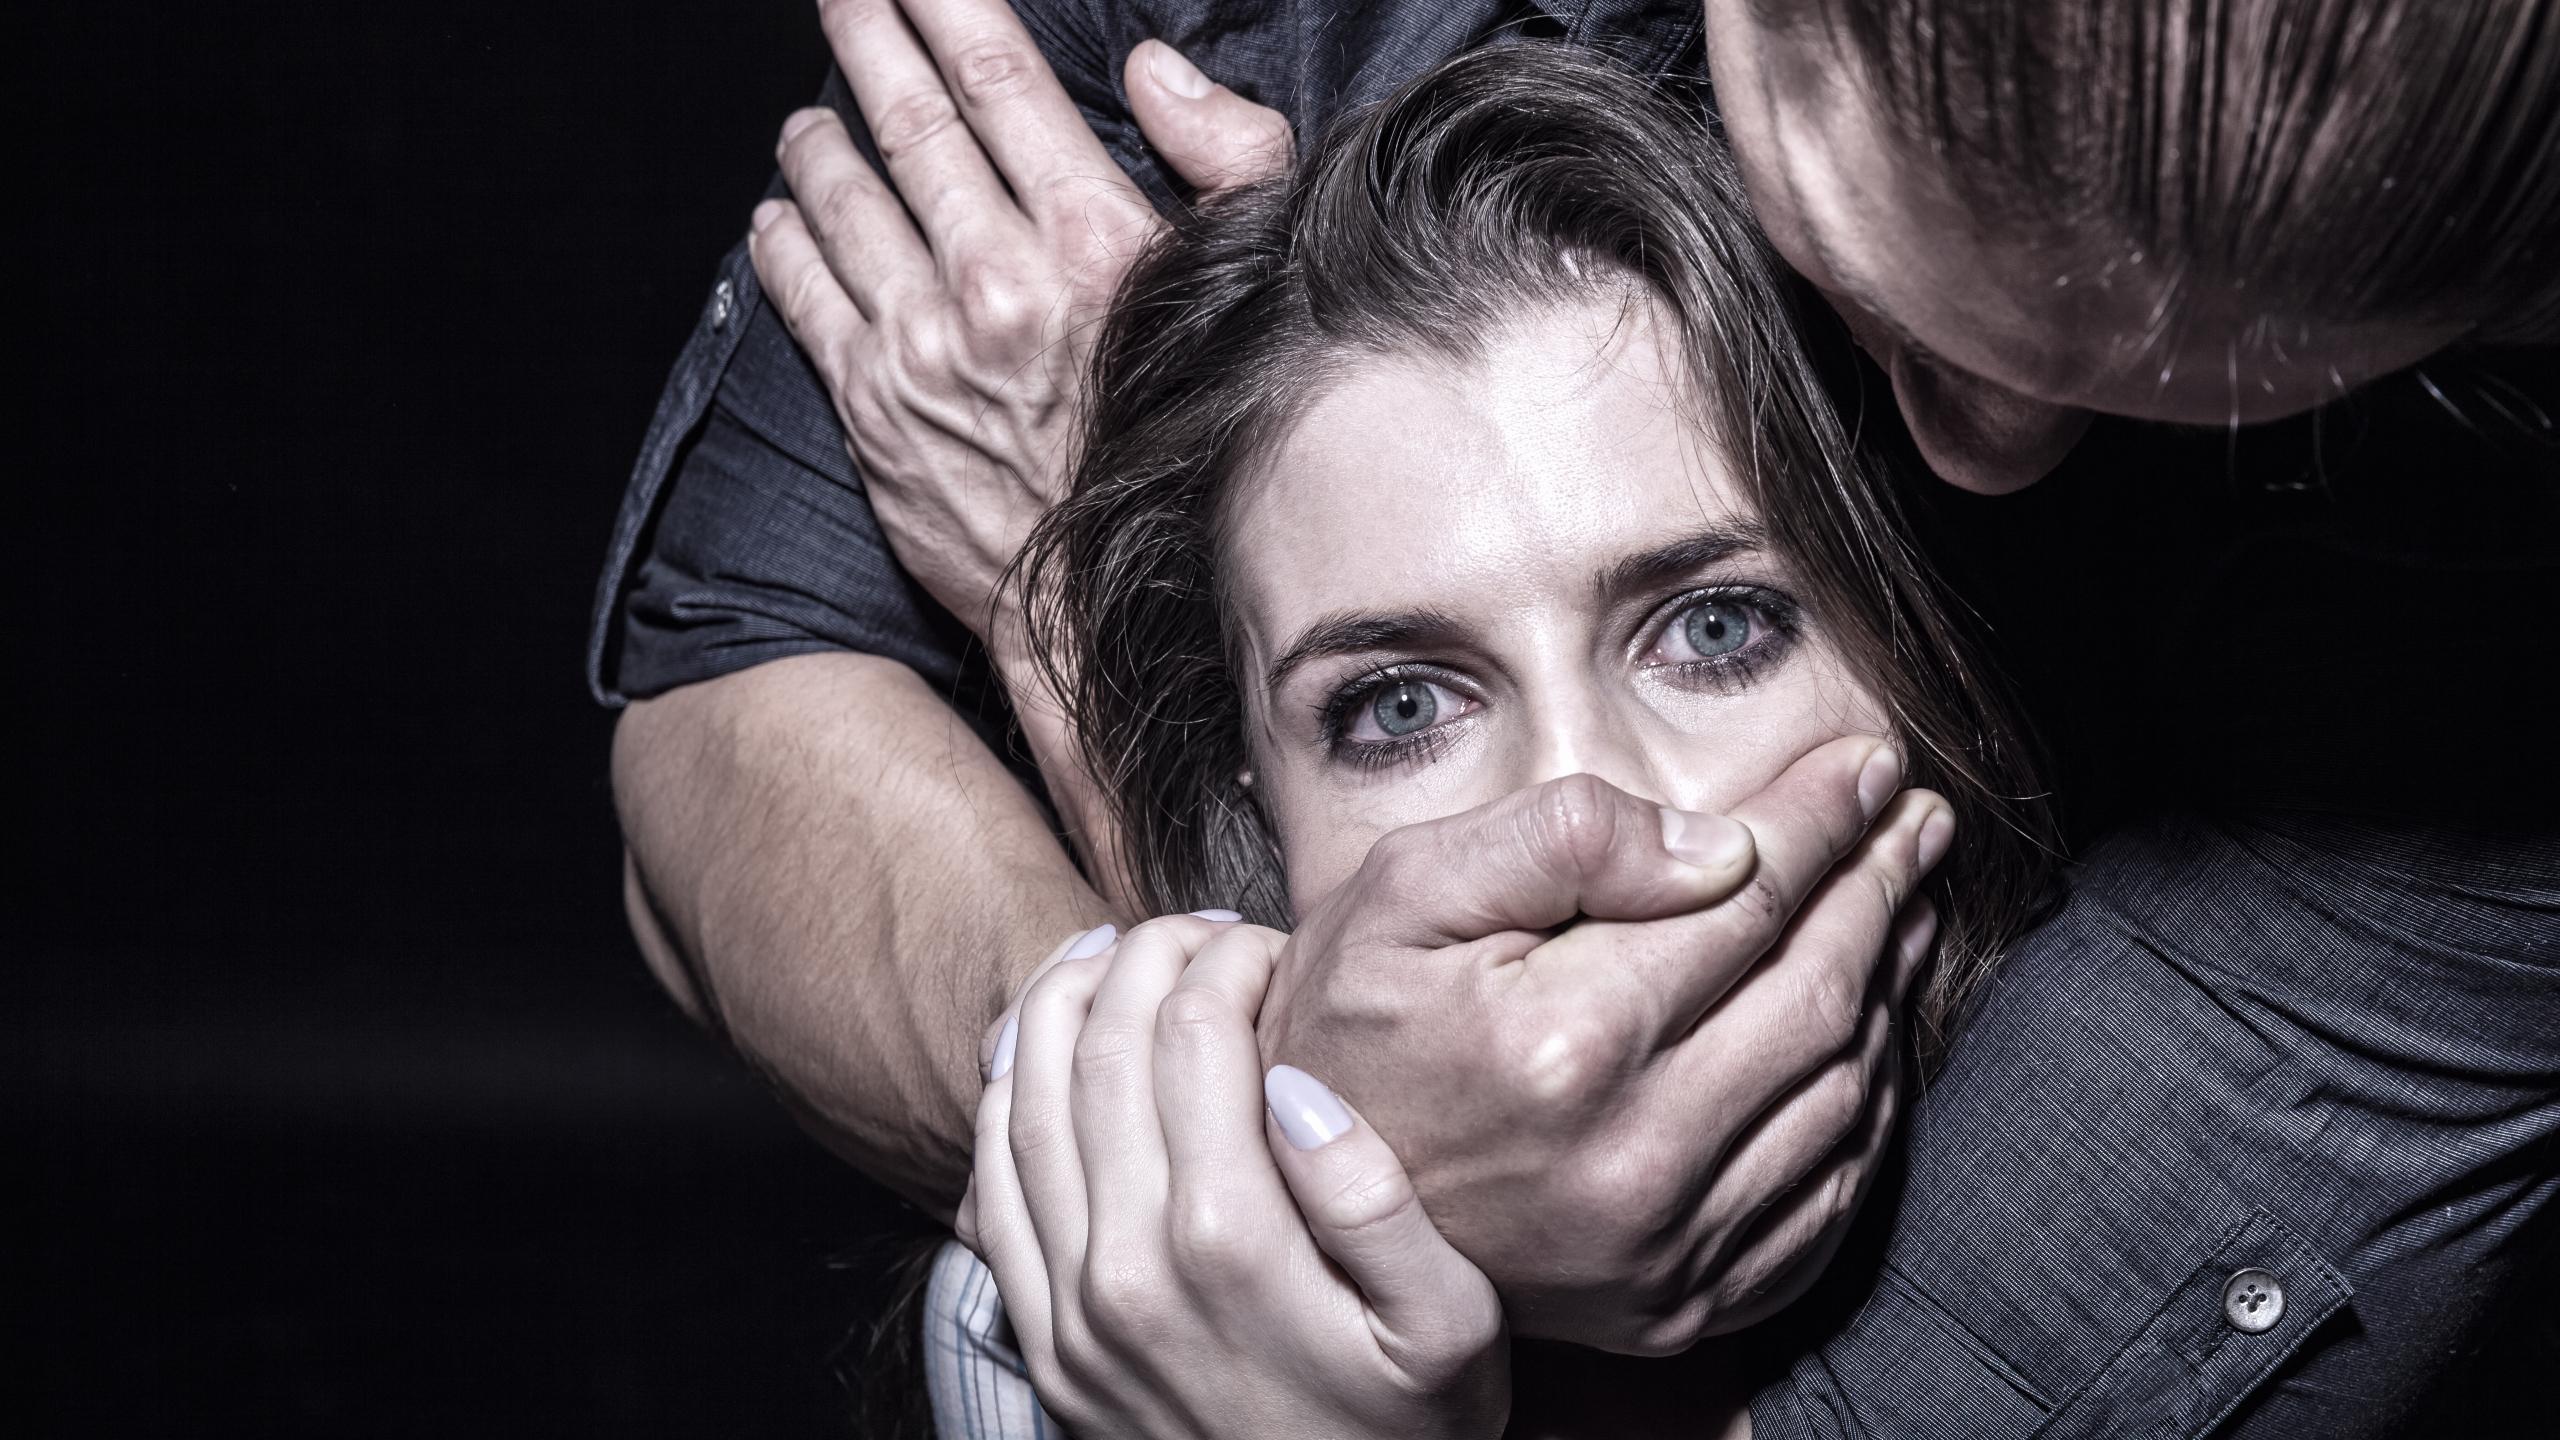 Домашнее насилие над беременными связали с ухудшением интеллекта их детей